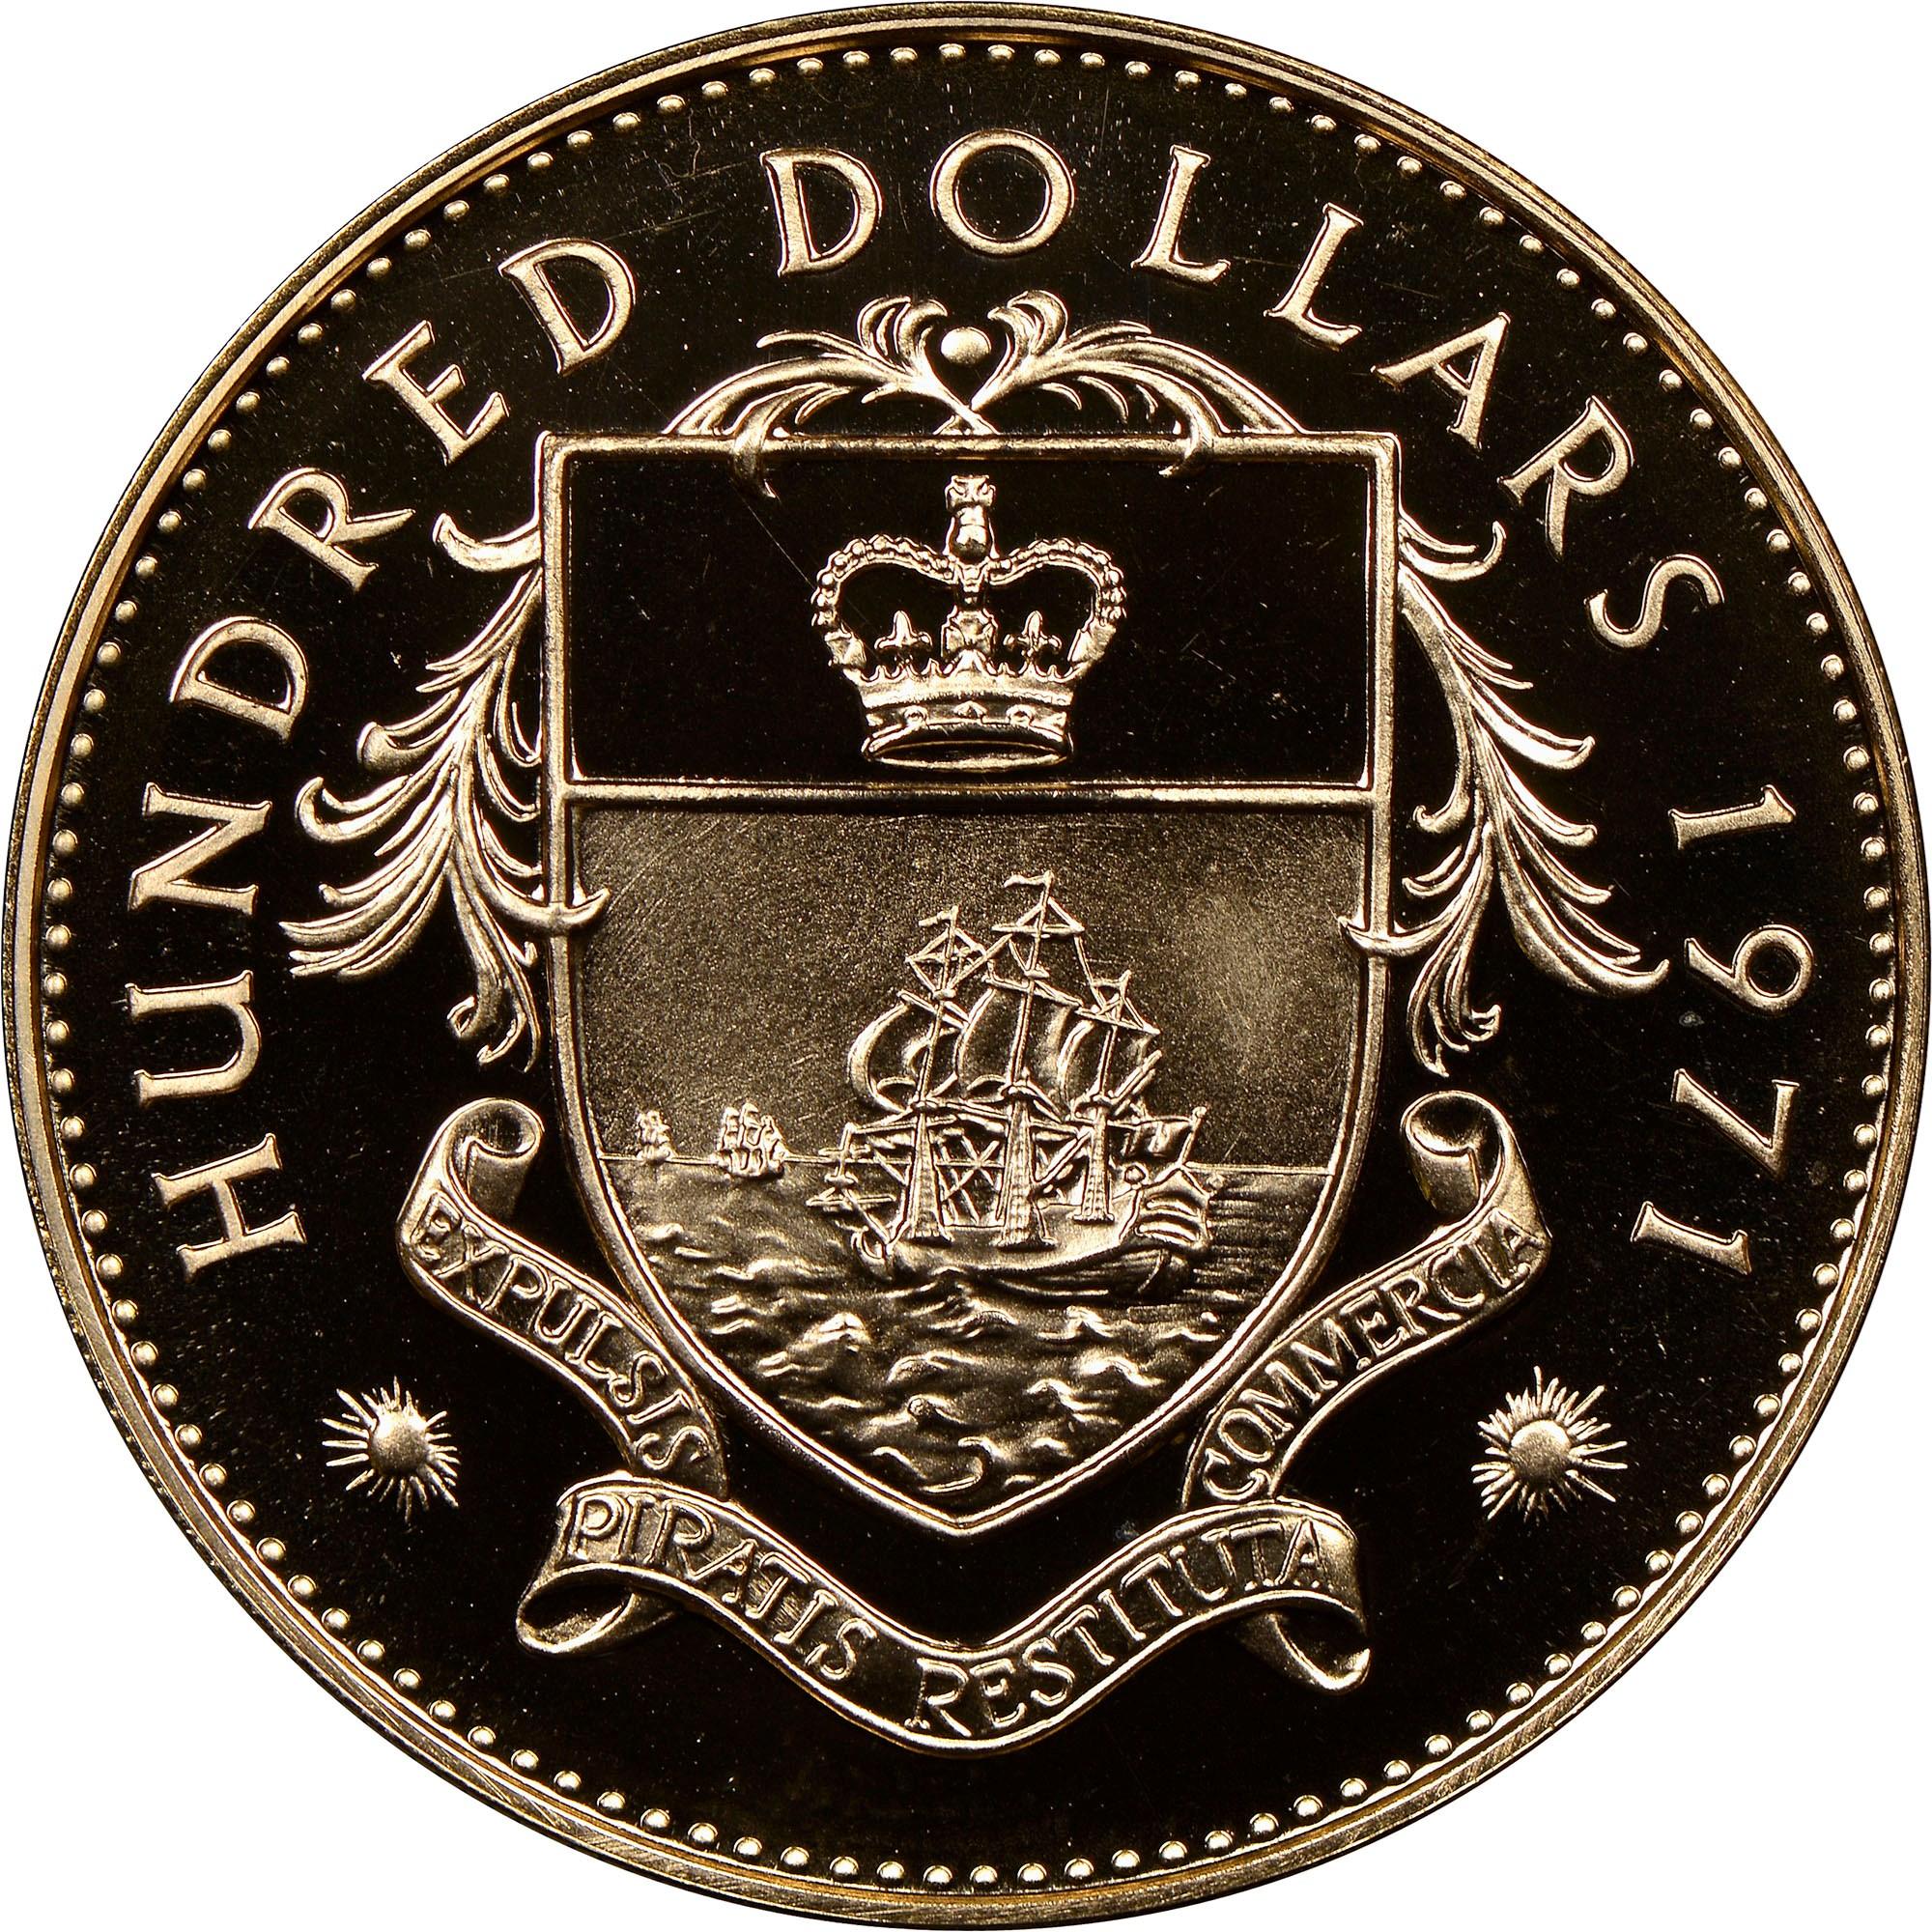 Bahamas 100 Dollars reverse